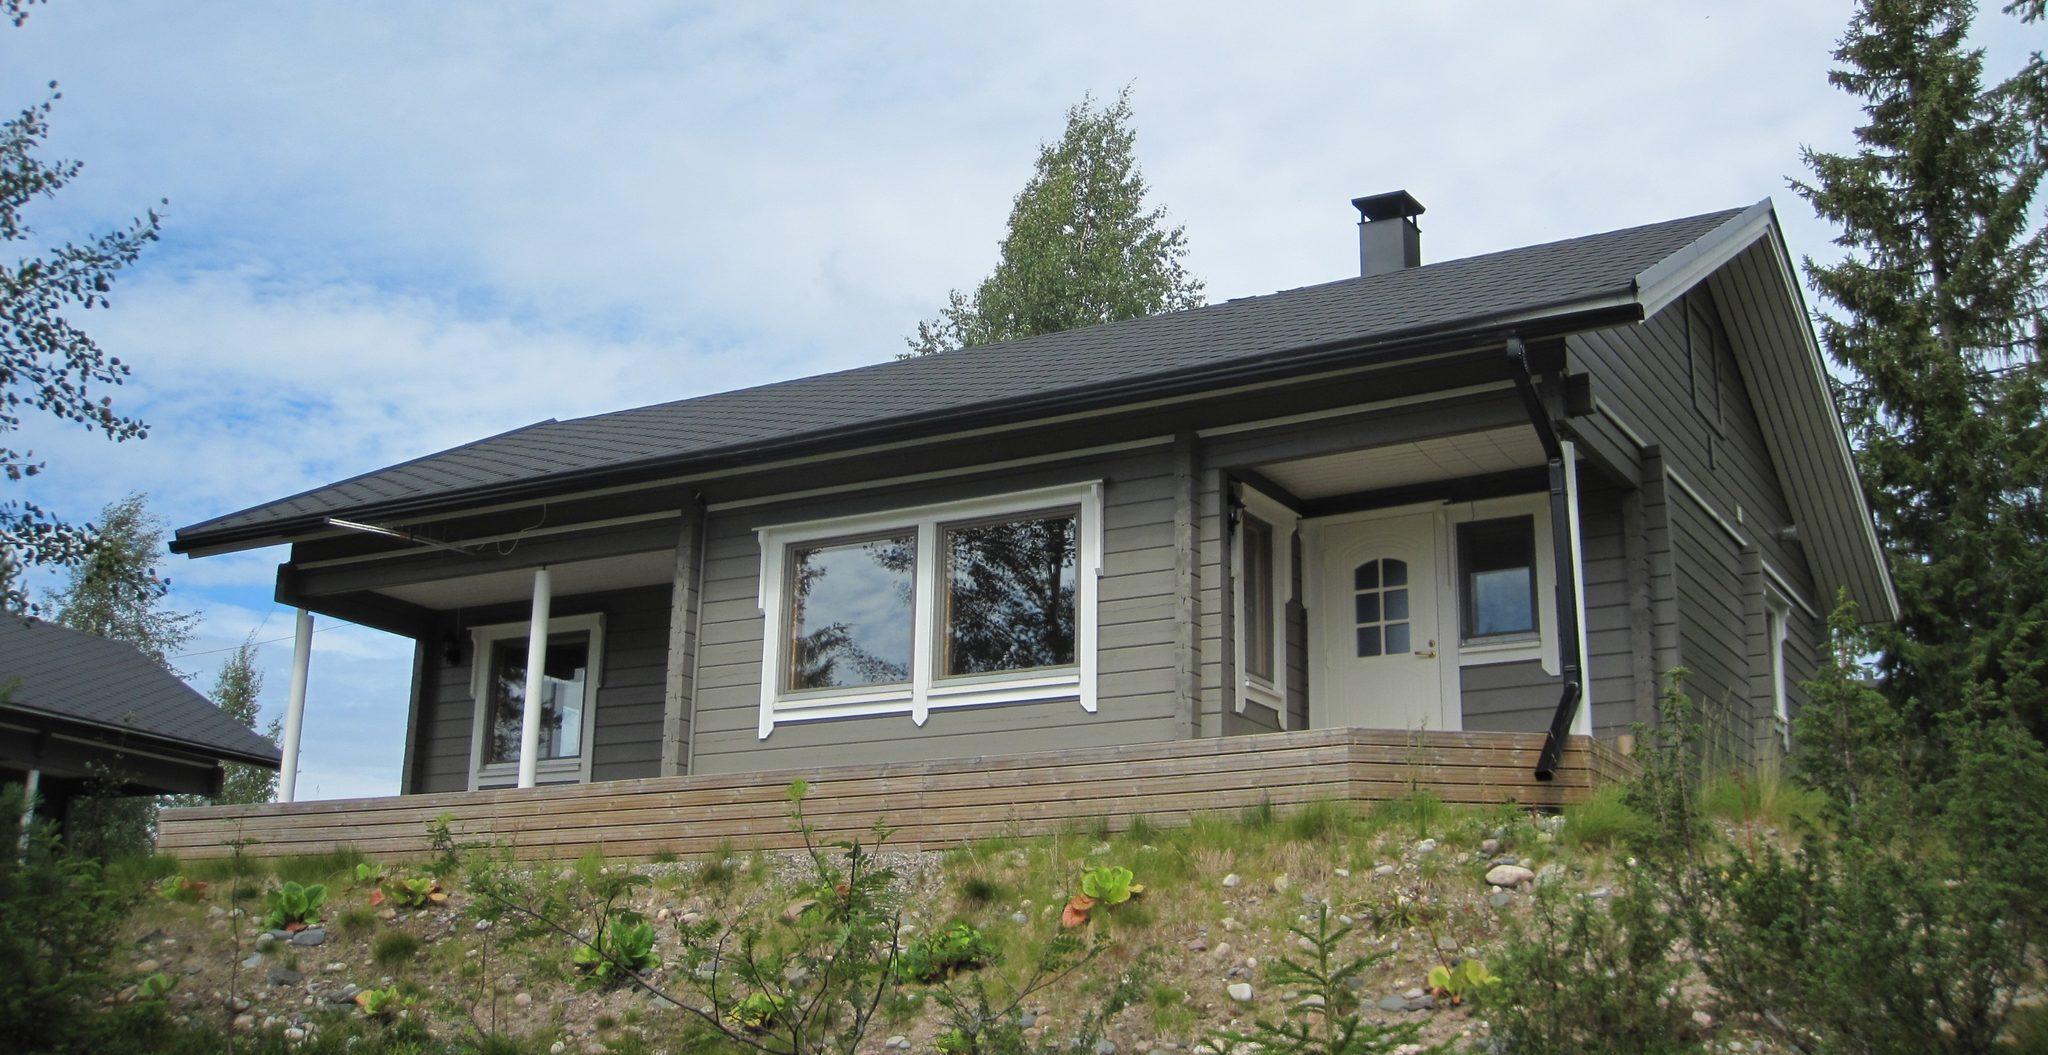 Vilikkilän Lomamökki cottage